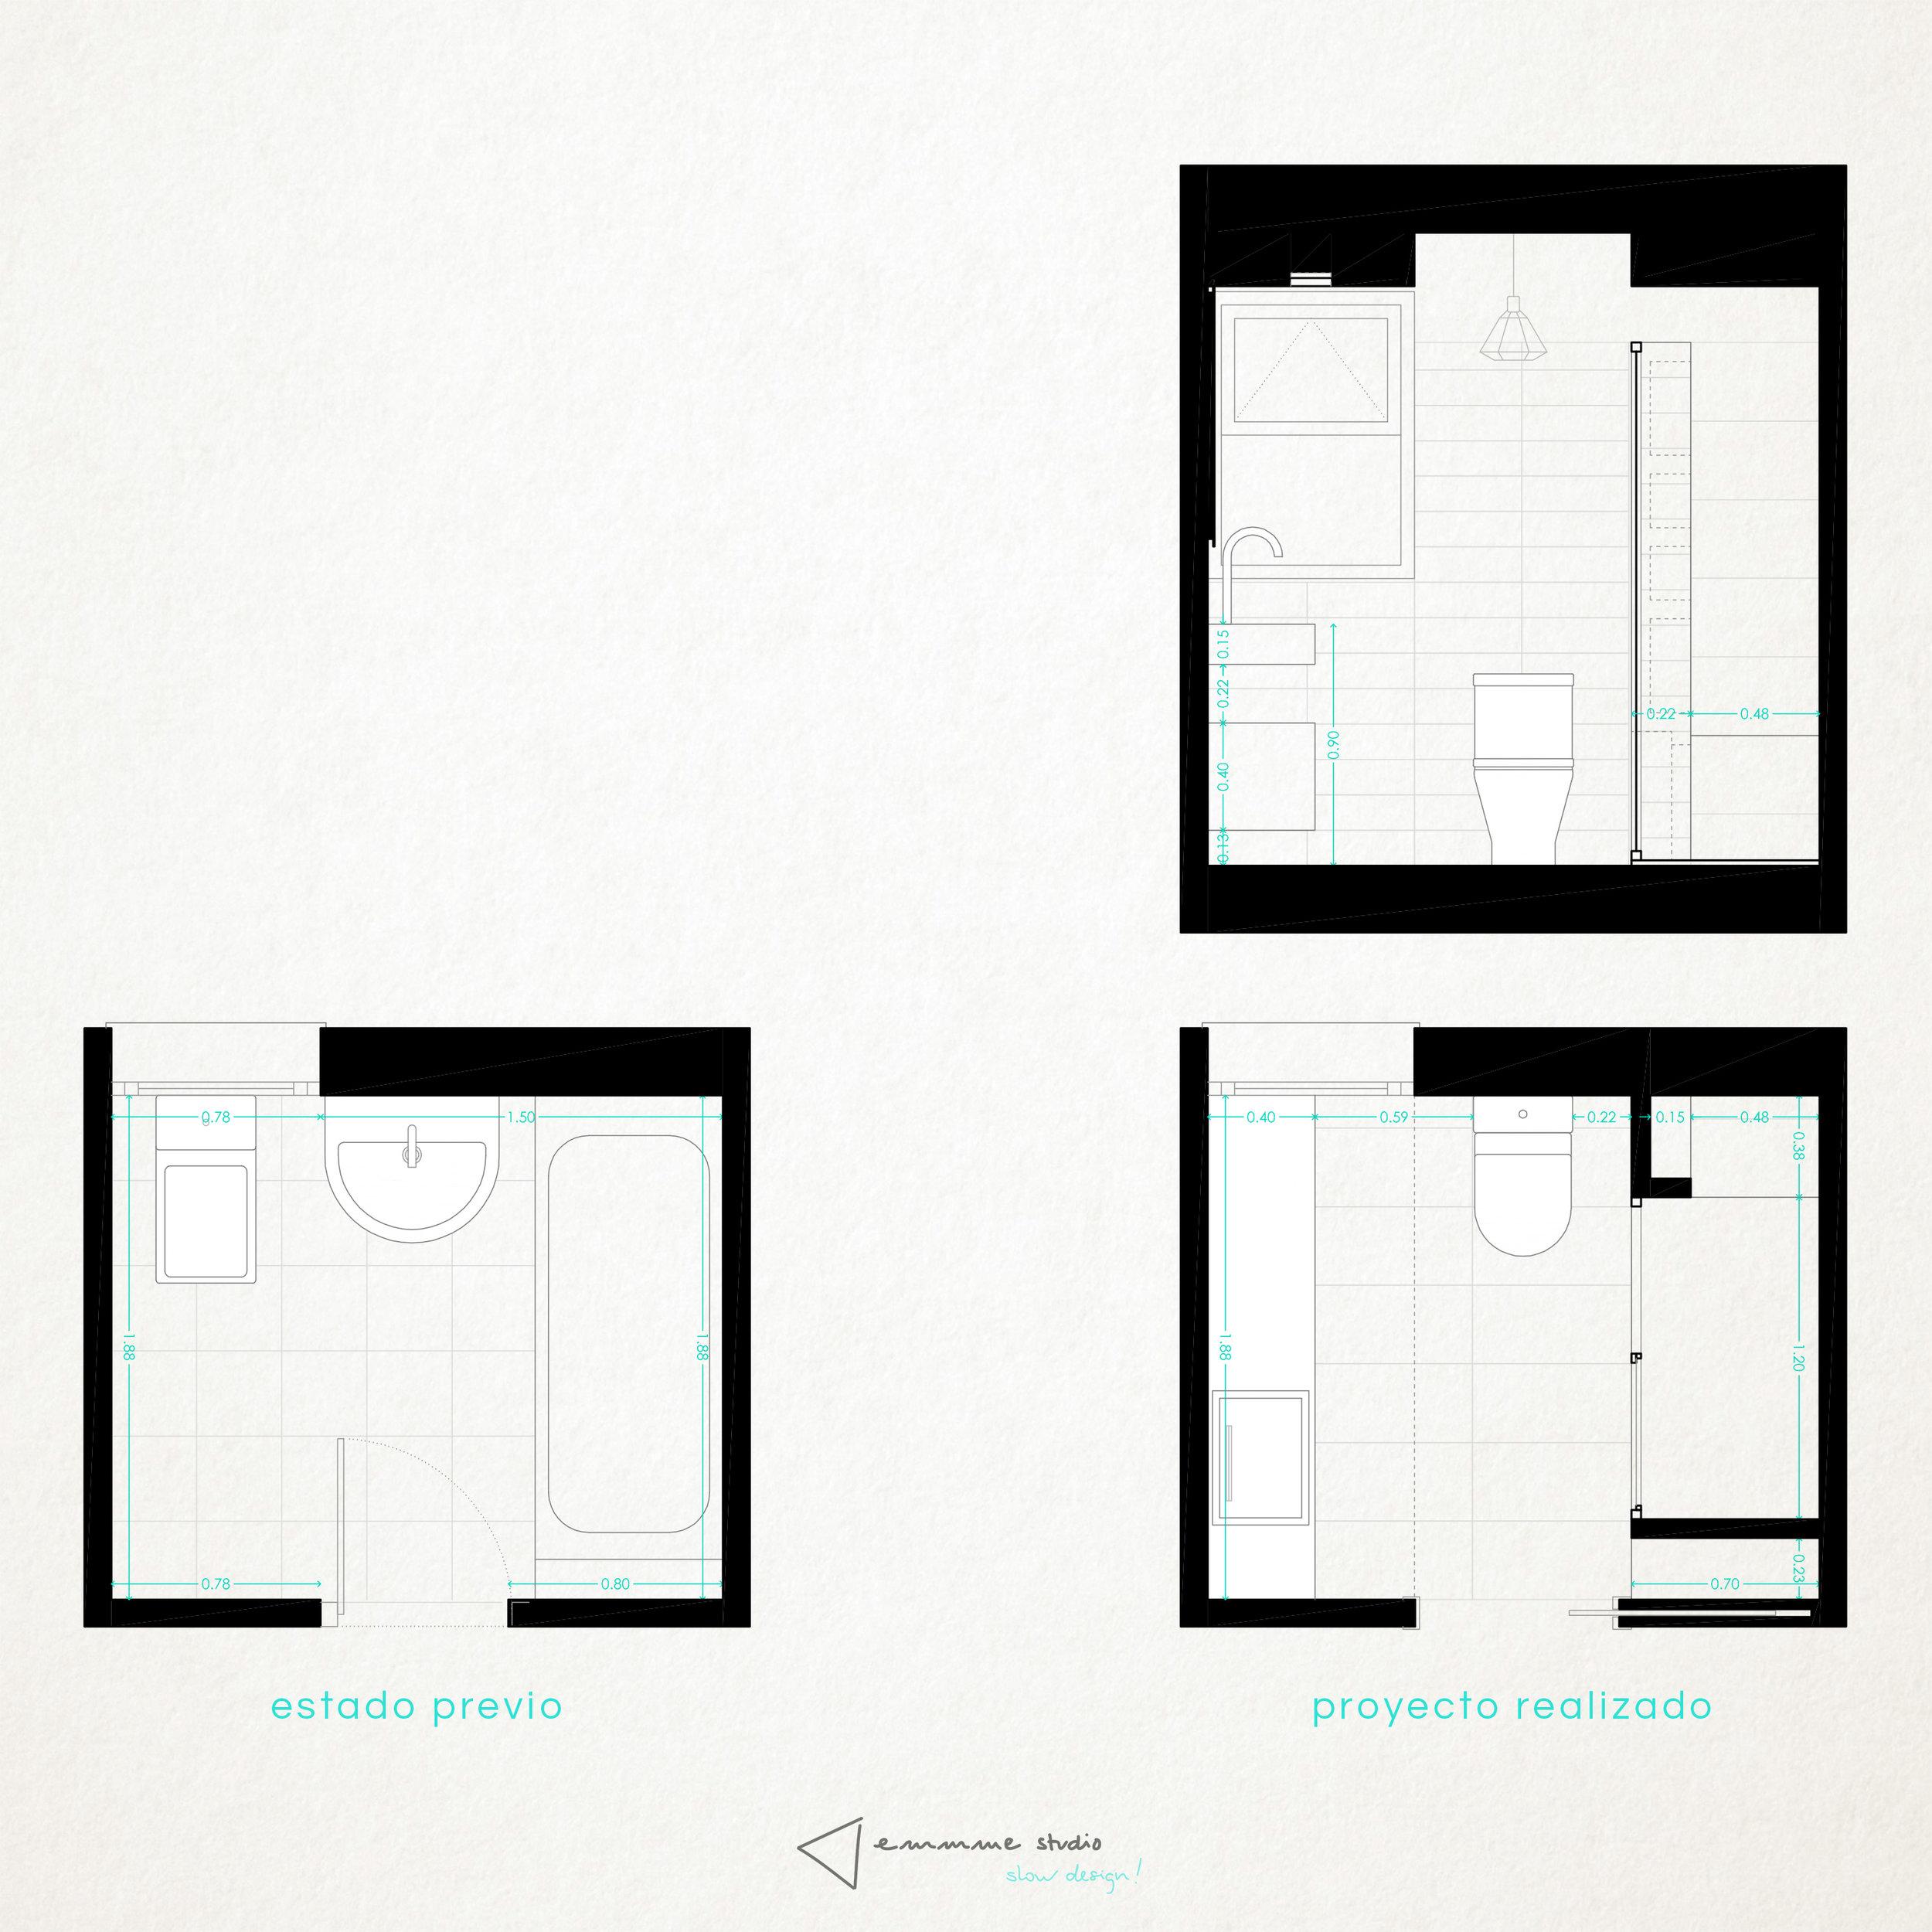 diseño reformas slow emmme studio - baño de Maria y Rober - plano antes despues.jpg